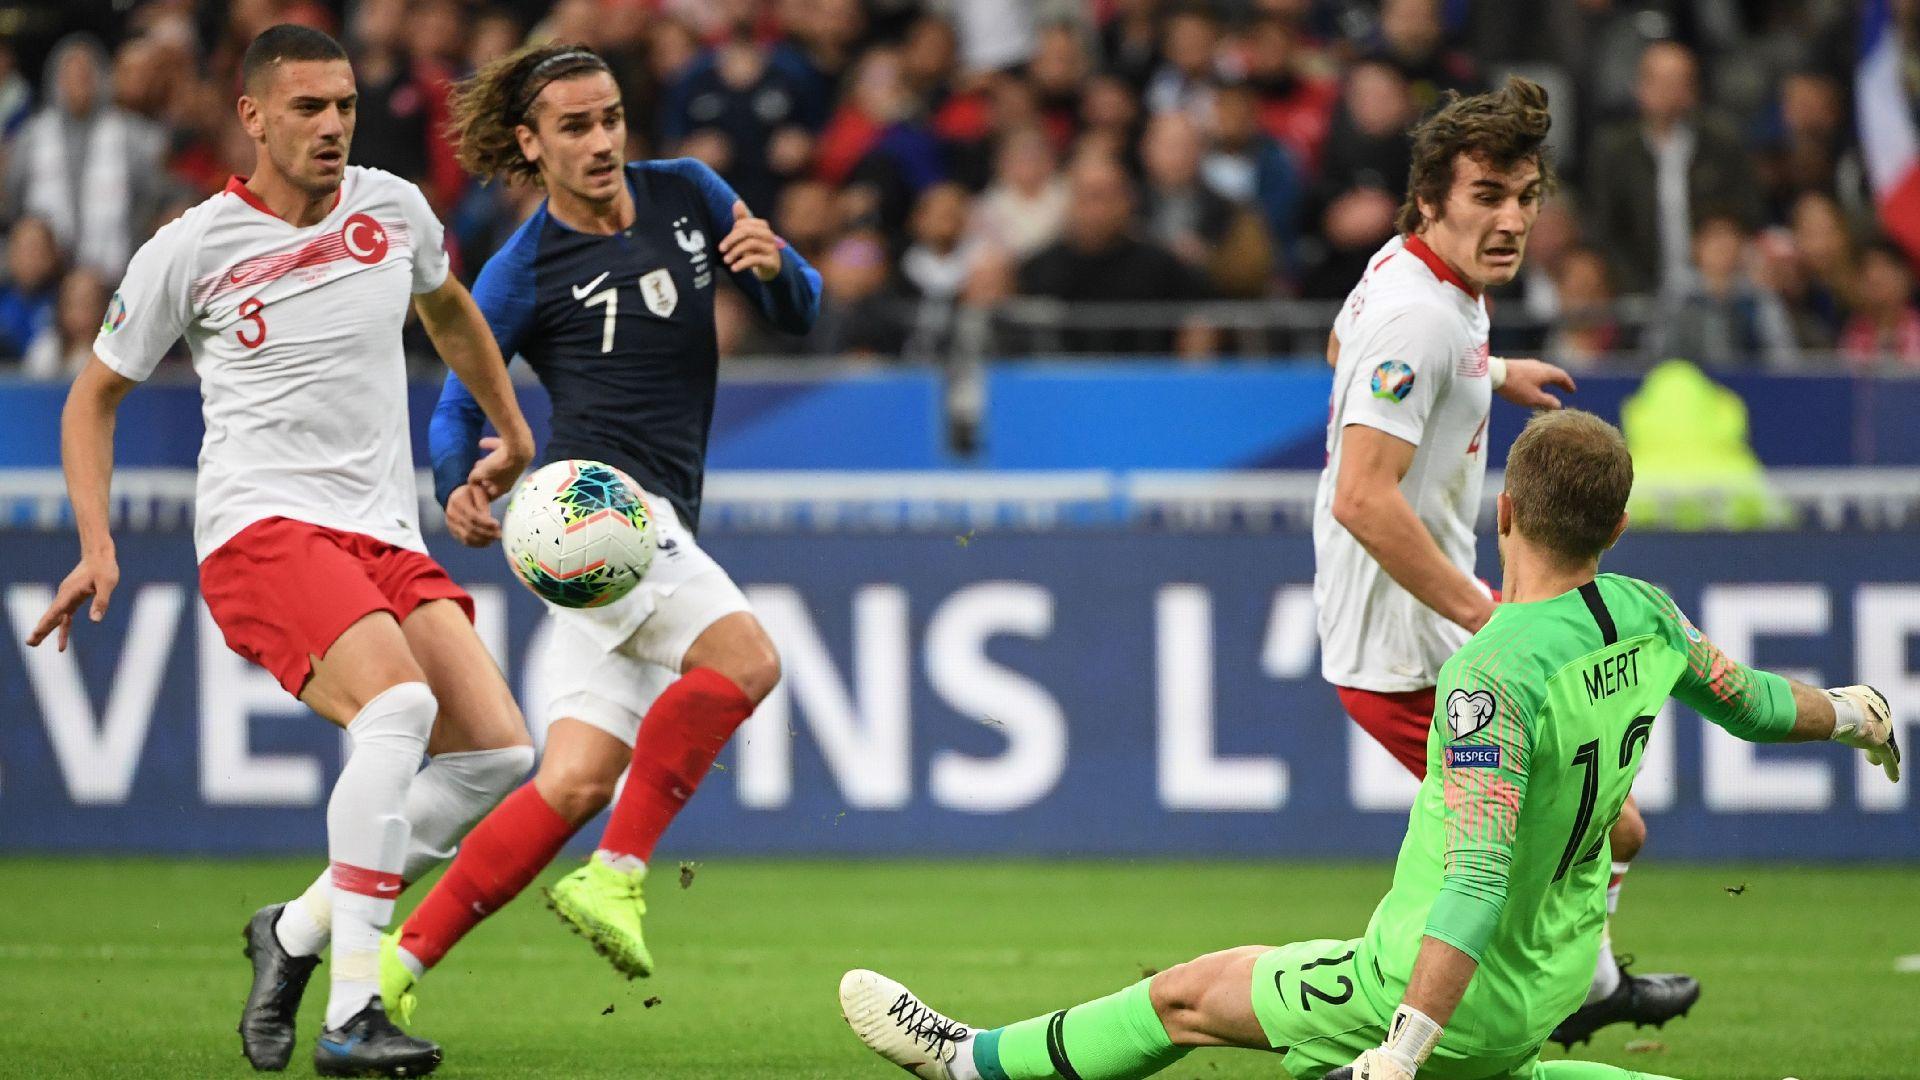 A Milli Takım Euro 2020 elemelerinde o istatistikte en iyi takım..